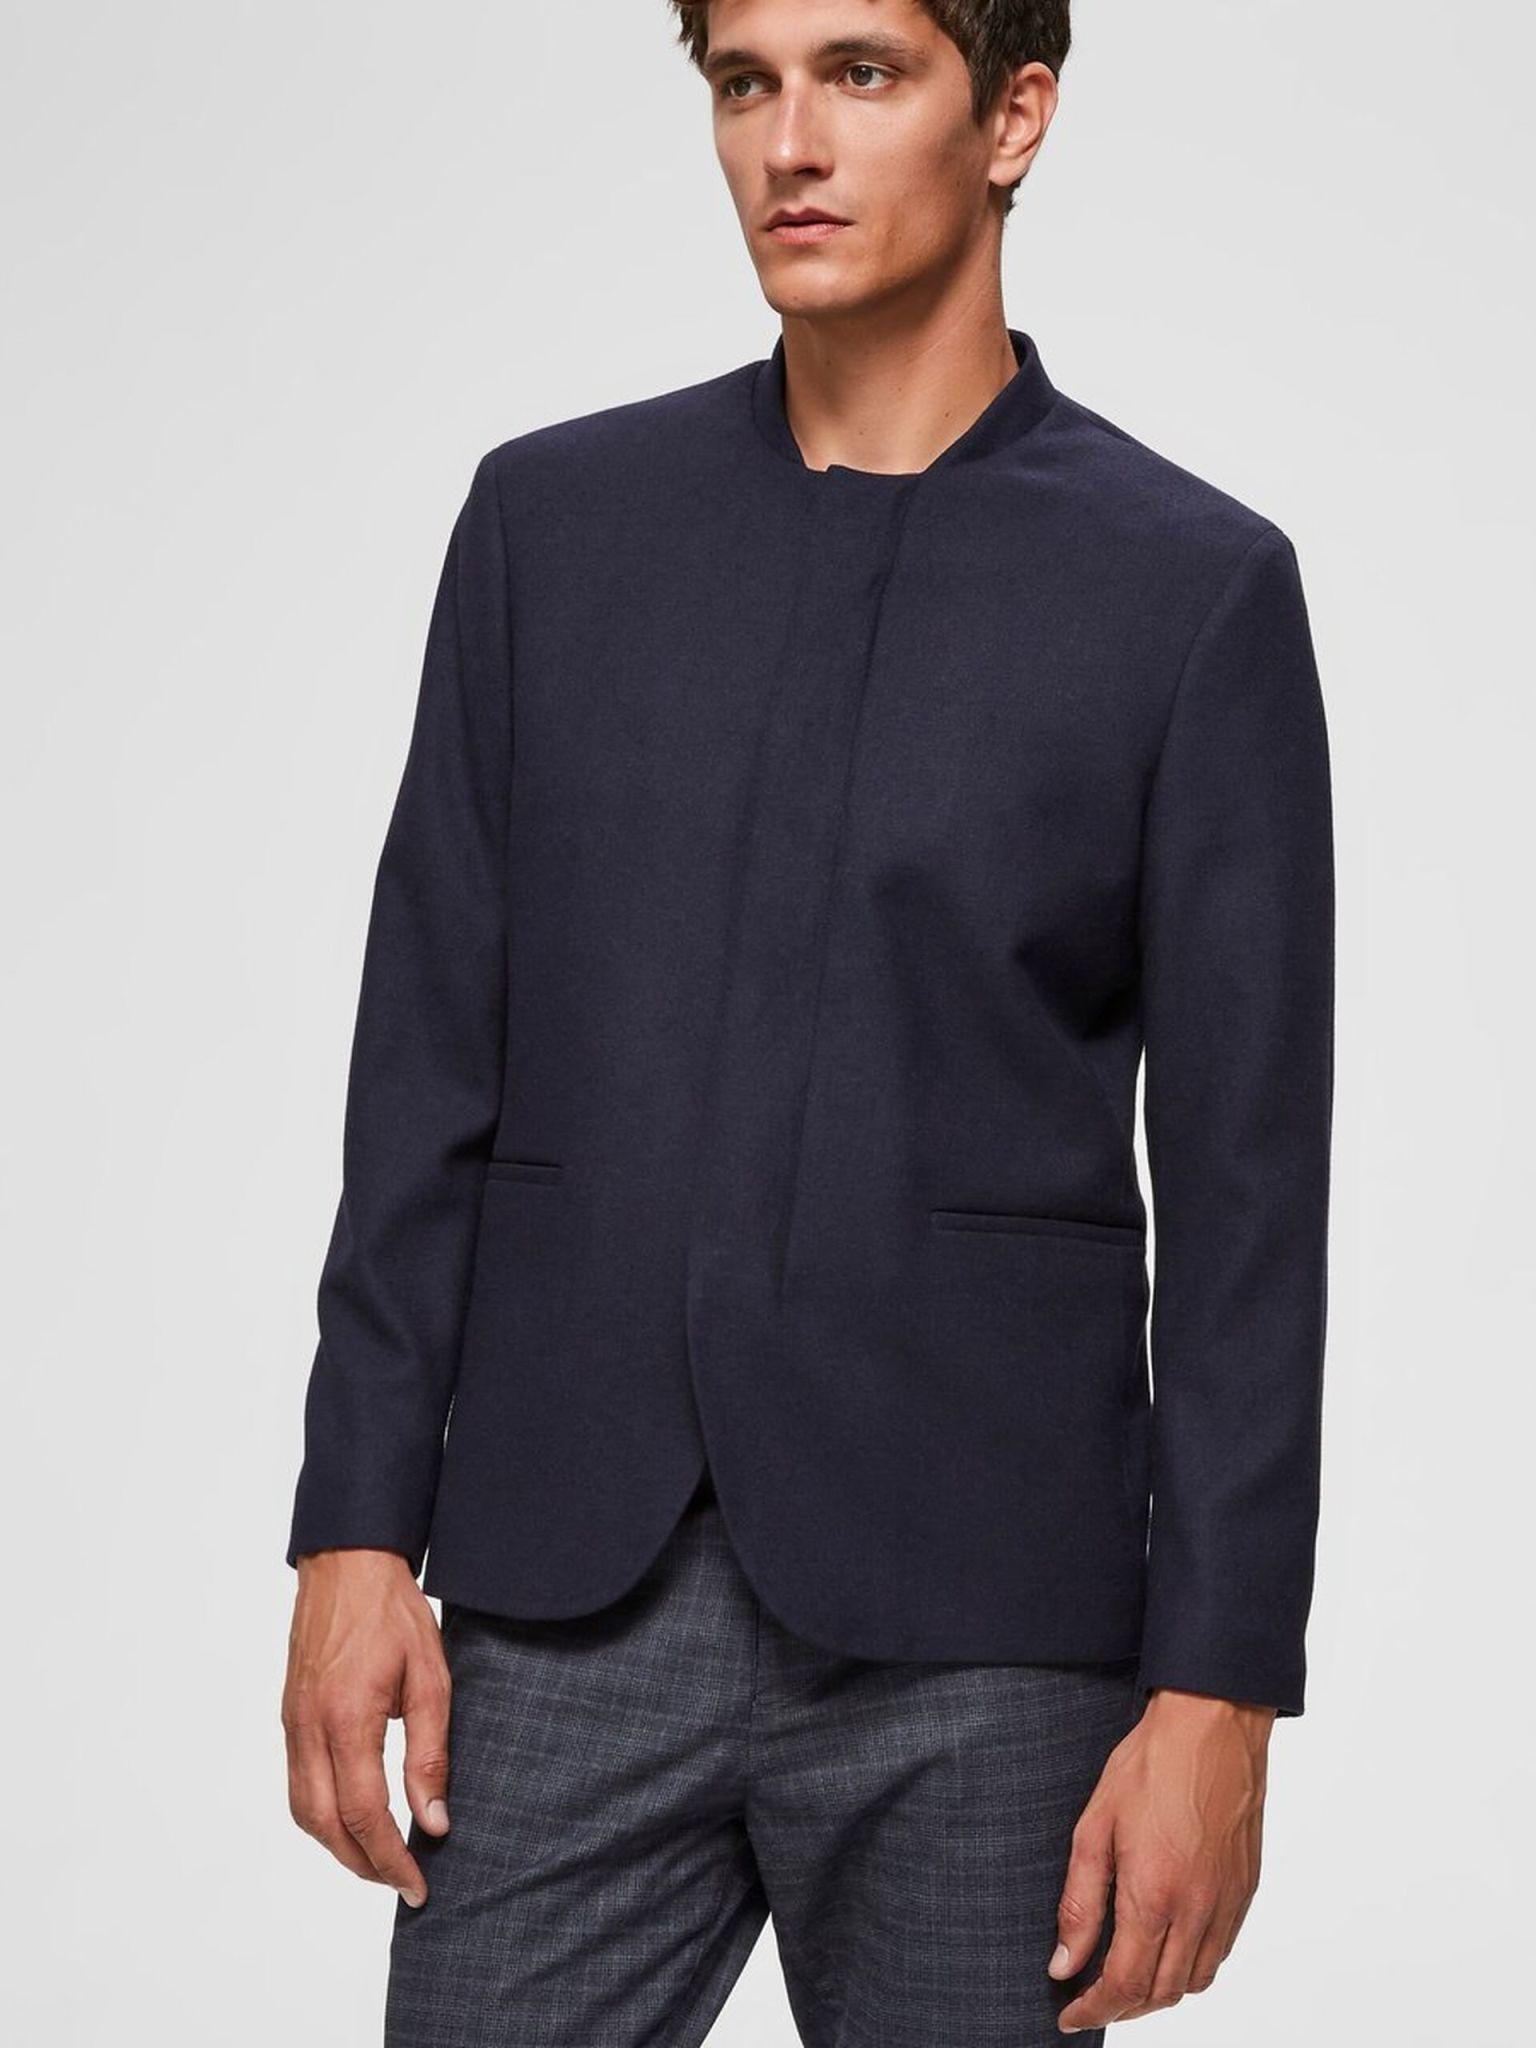 consegna gratuita carino e colorato prodotto caldo Selected Homme SLIM MILLS BLAZER Navy | The Art of Style - The Art ...